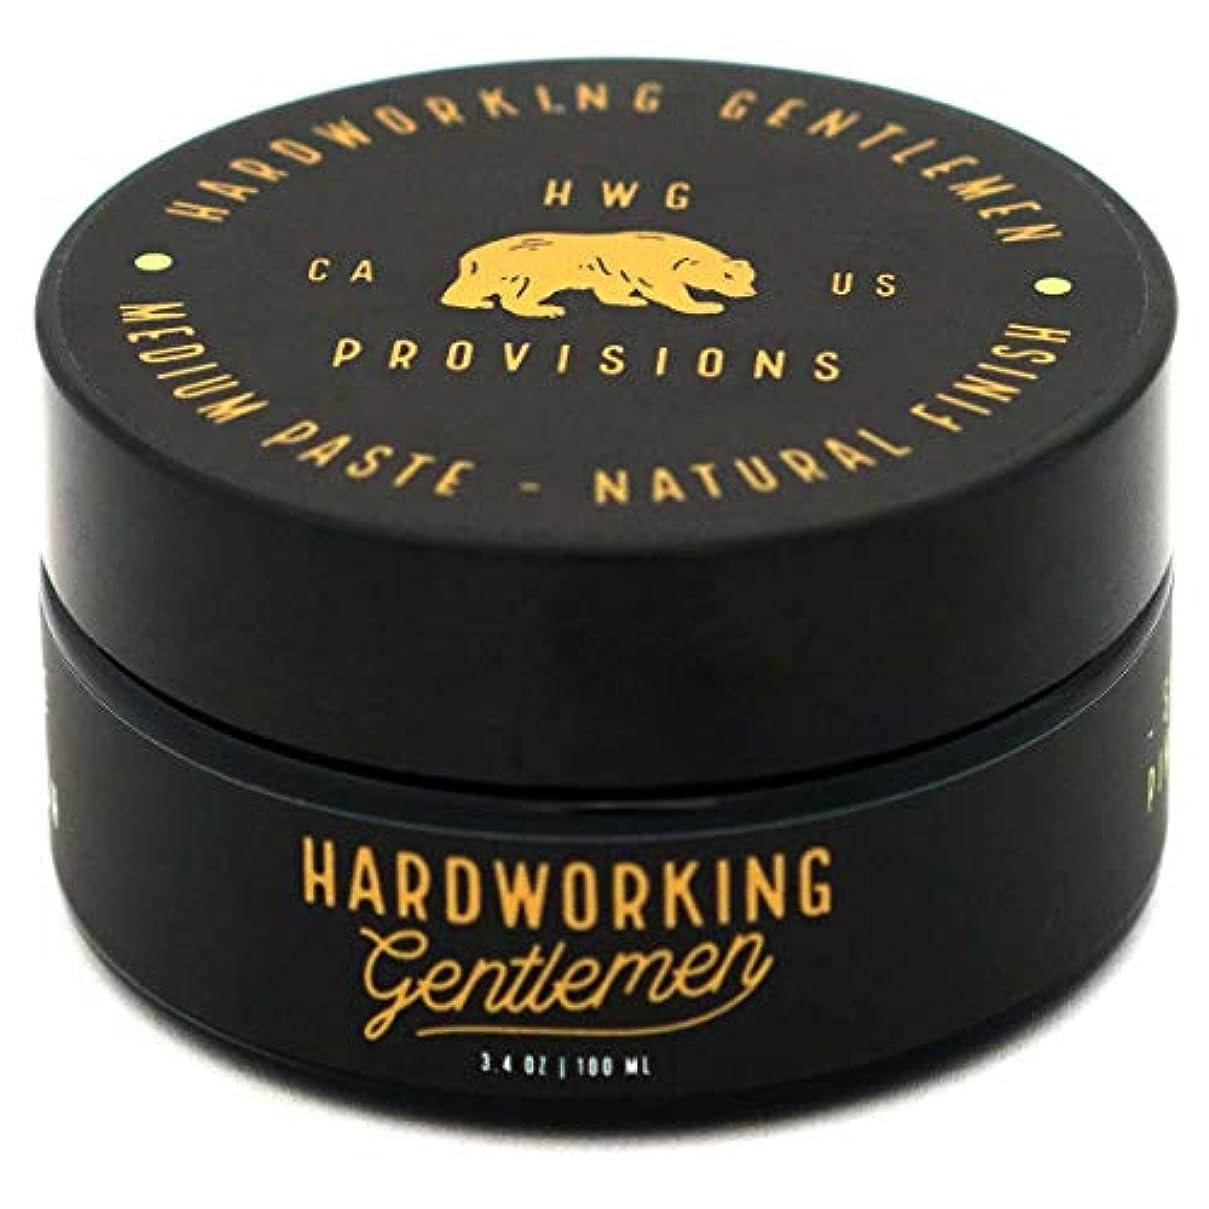 感謝している損失嫉妬Hardworking Gentlemen (ハードワーキング ジェントルメン) Medium Paste ヘアワックス 100ml 天然成分 オーガニック